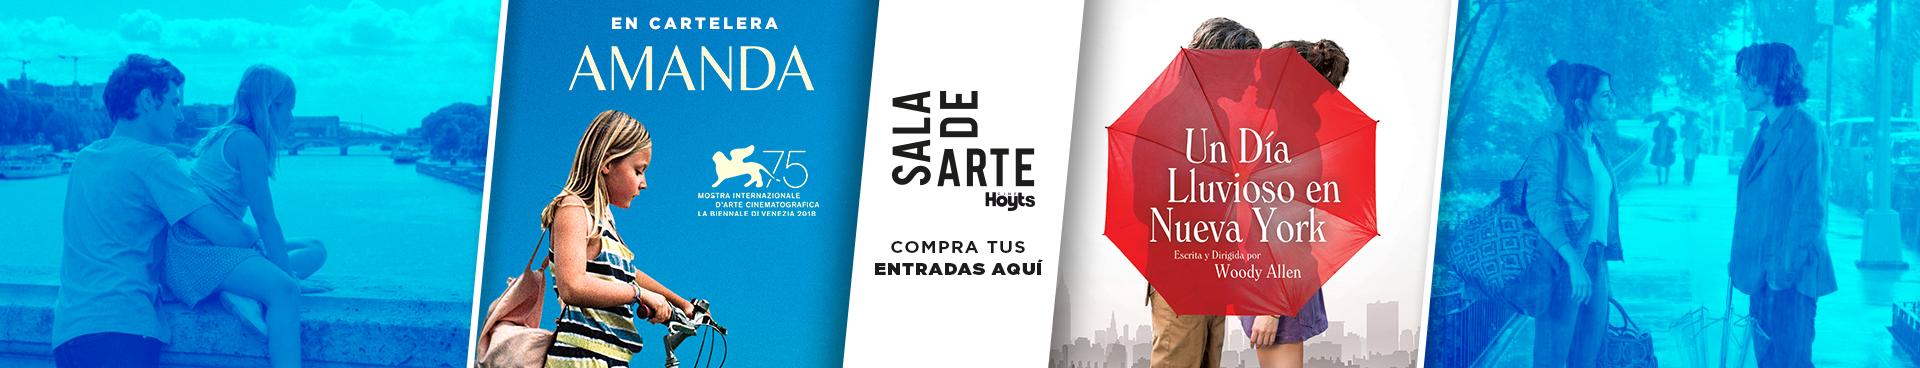 """""""SALA DE ARTE: UN DÍA LLUVIOSO EN NUEVA YORK + EN CARTELERA: AMANDA, COMPRA TUS ENTRADAS AQUÍ"""